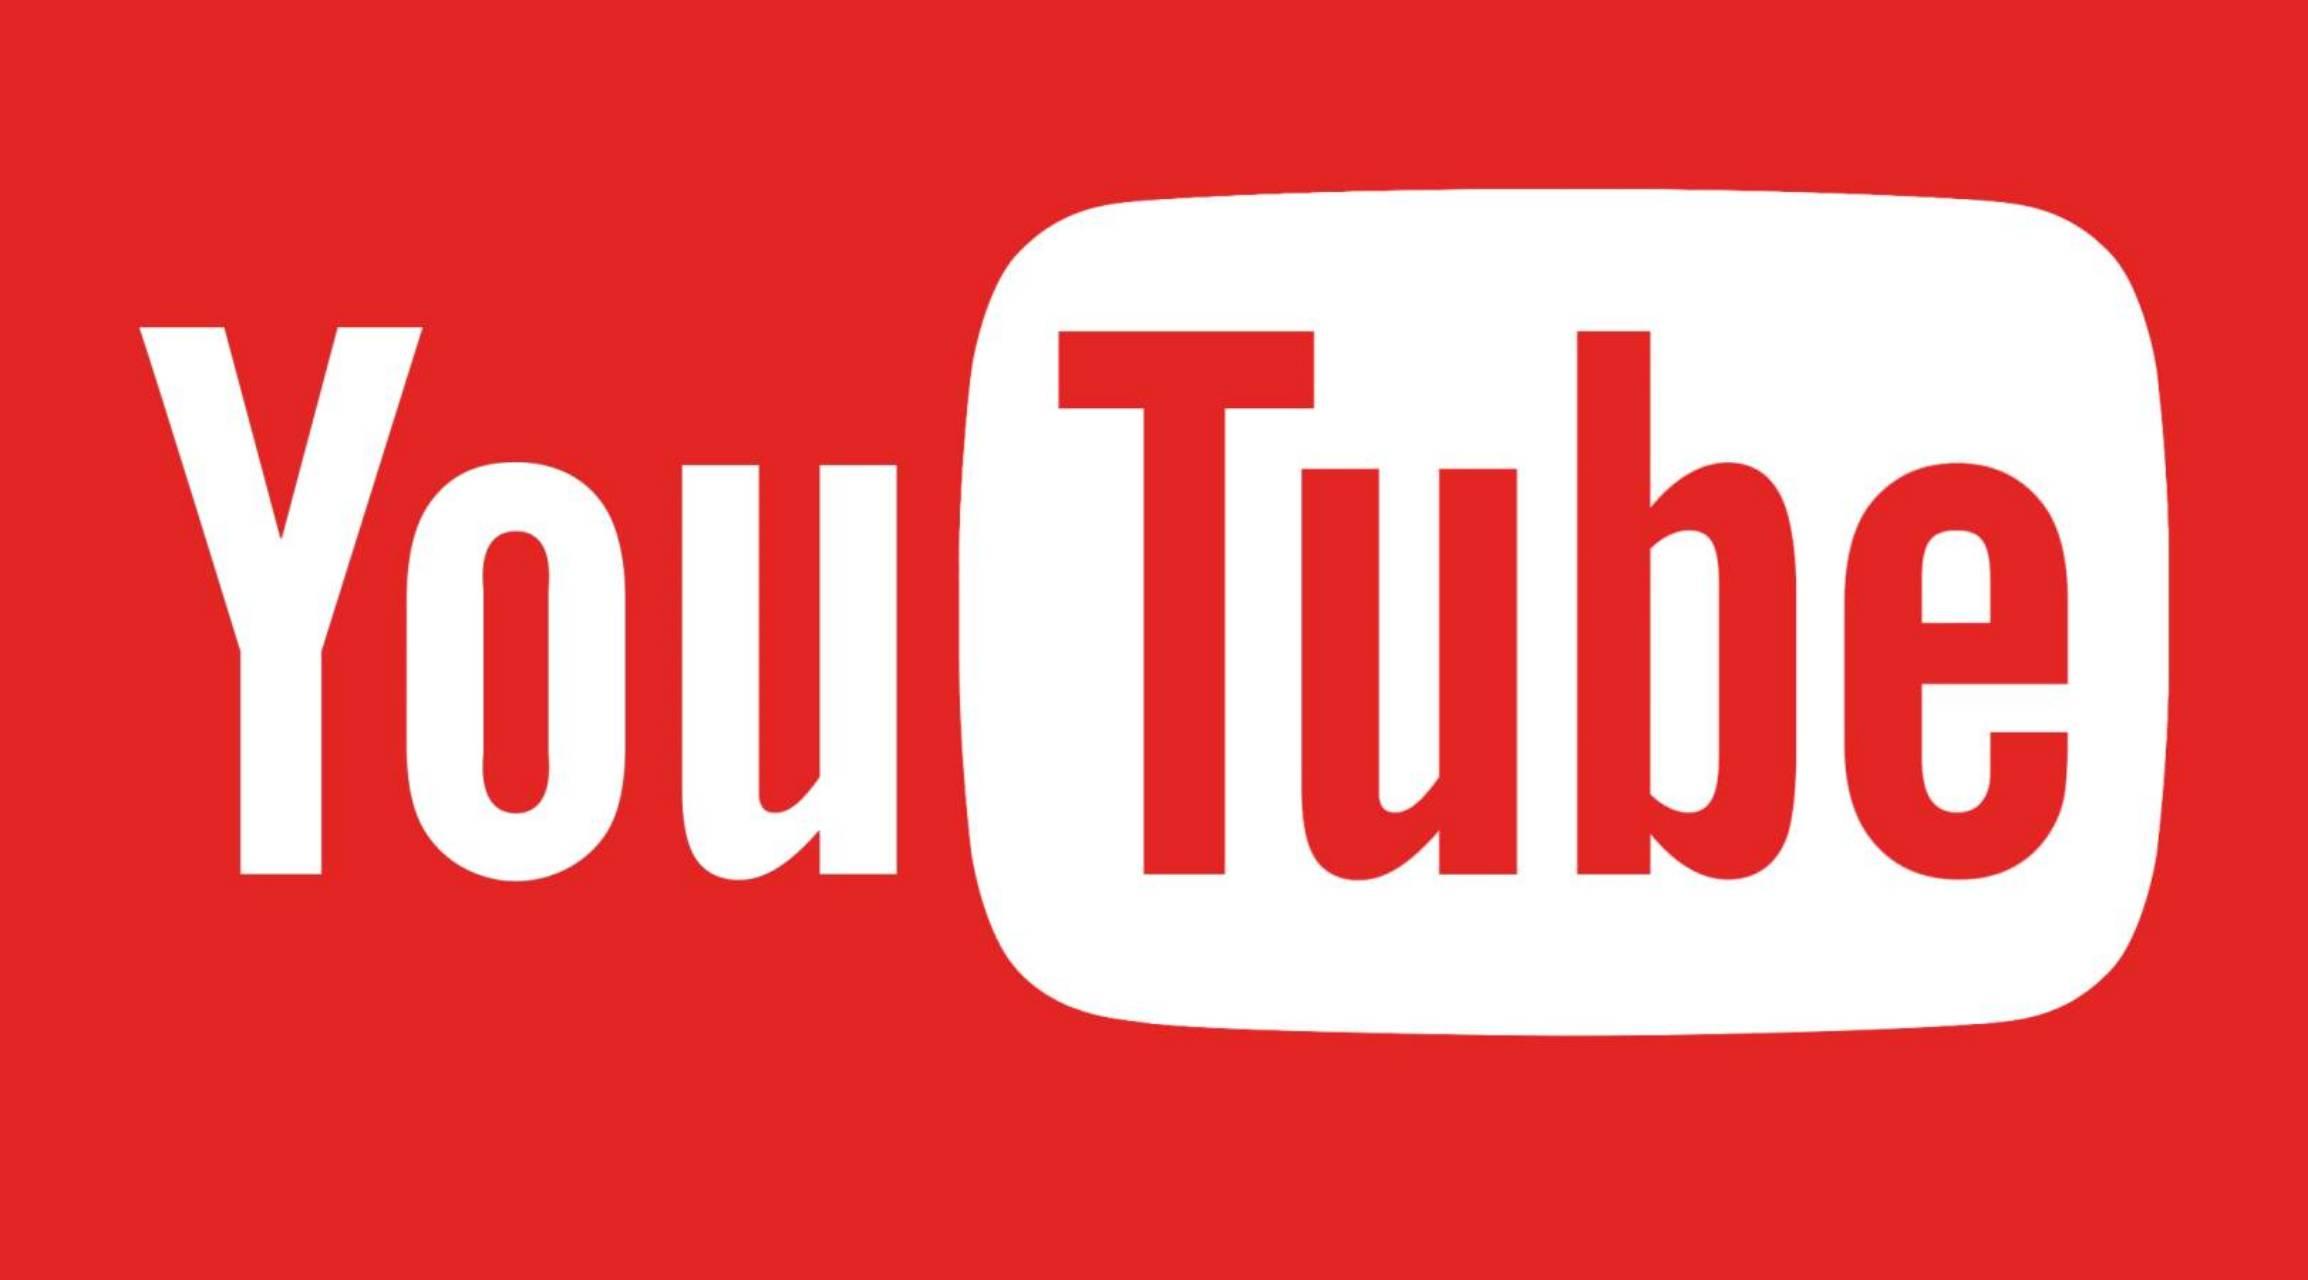 YouTube noua actualizare lumea